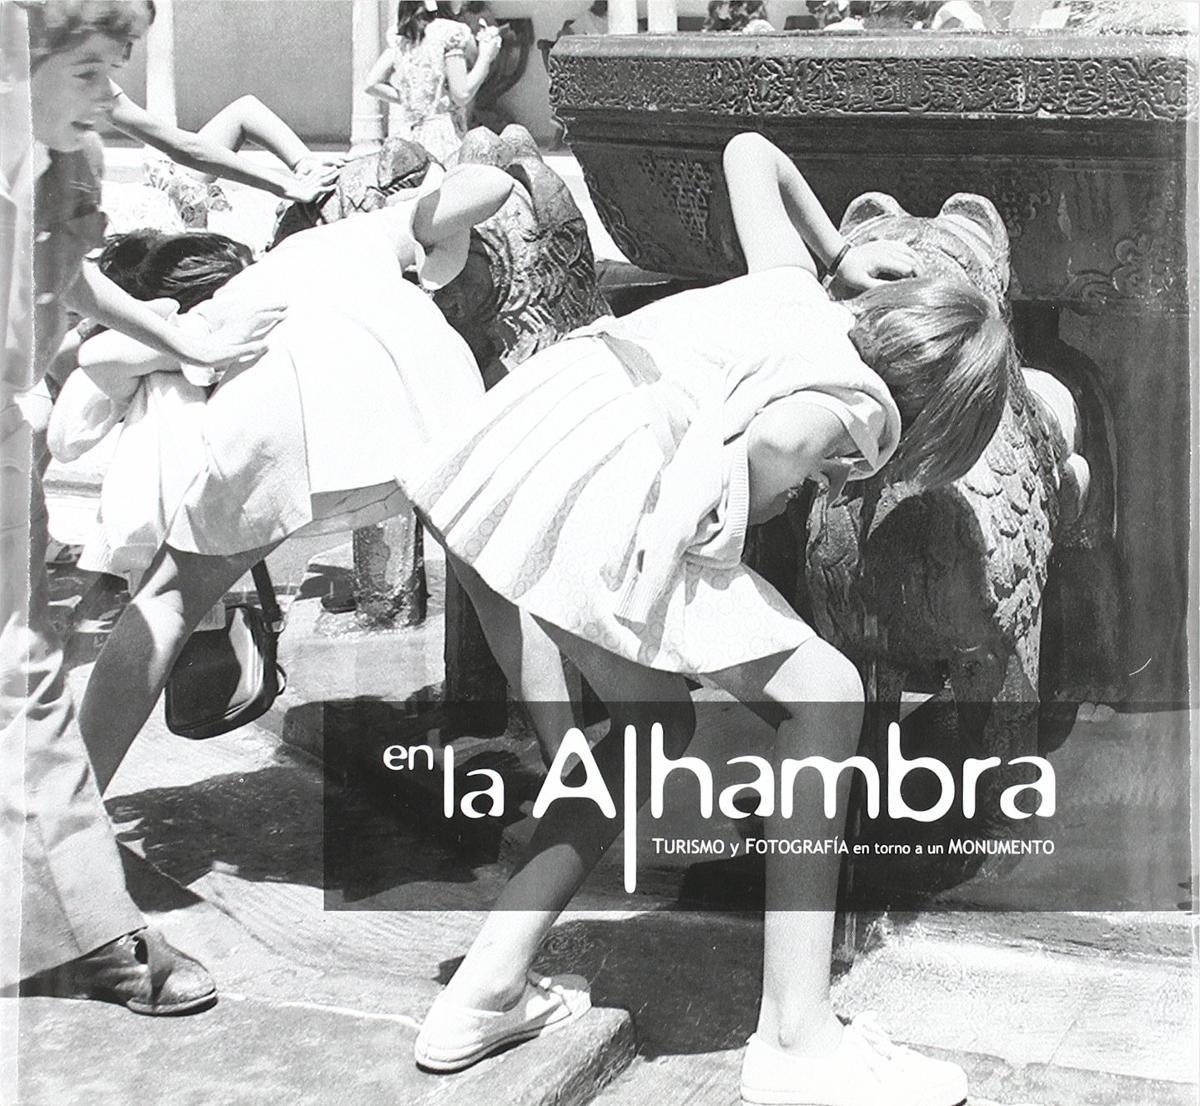 En la Alhambra: turismo y fotografía en torno a un Monumento